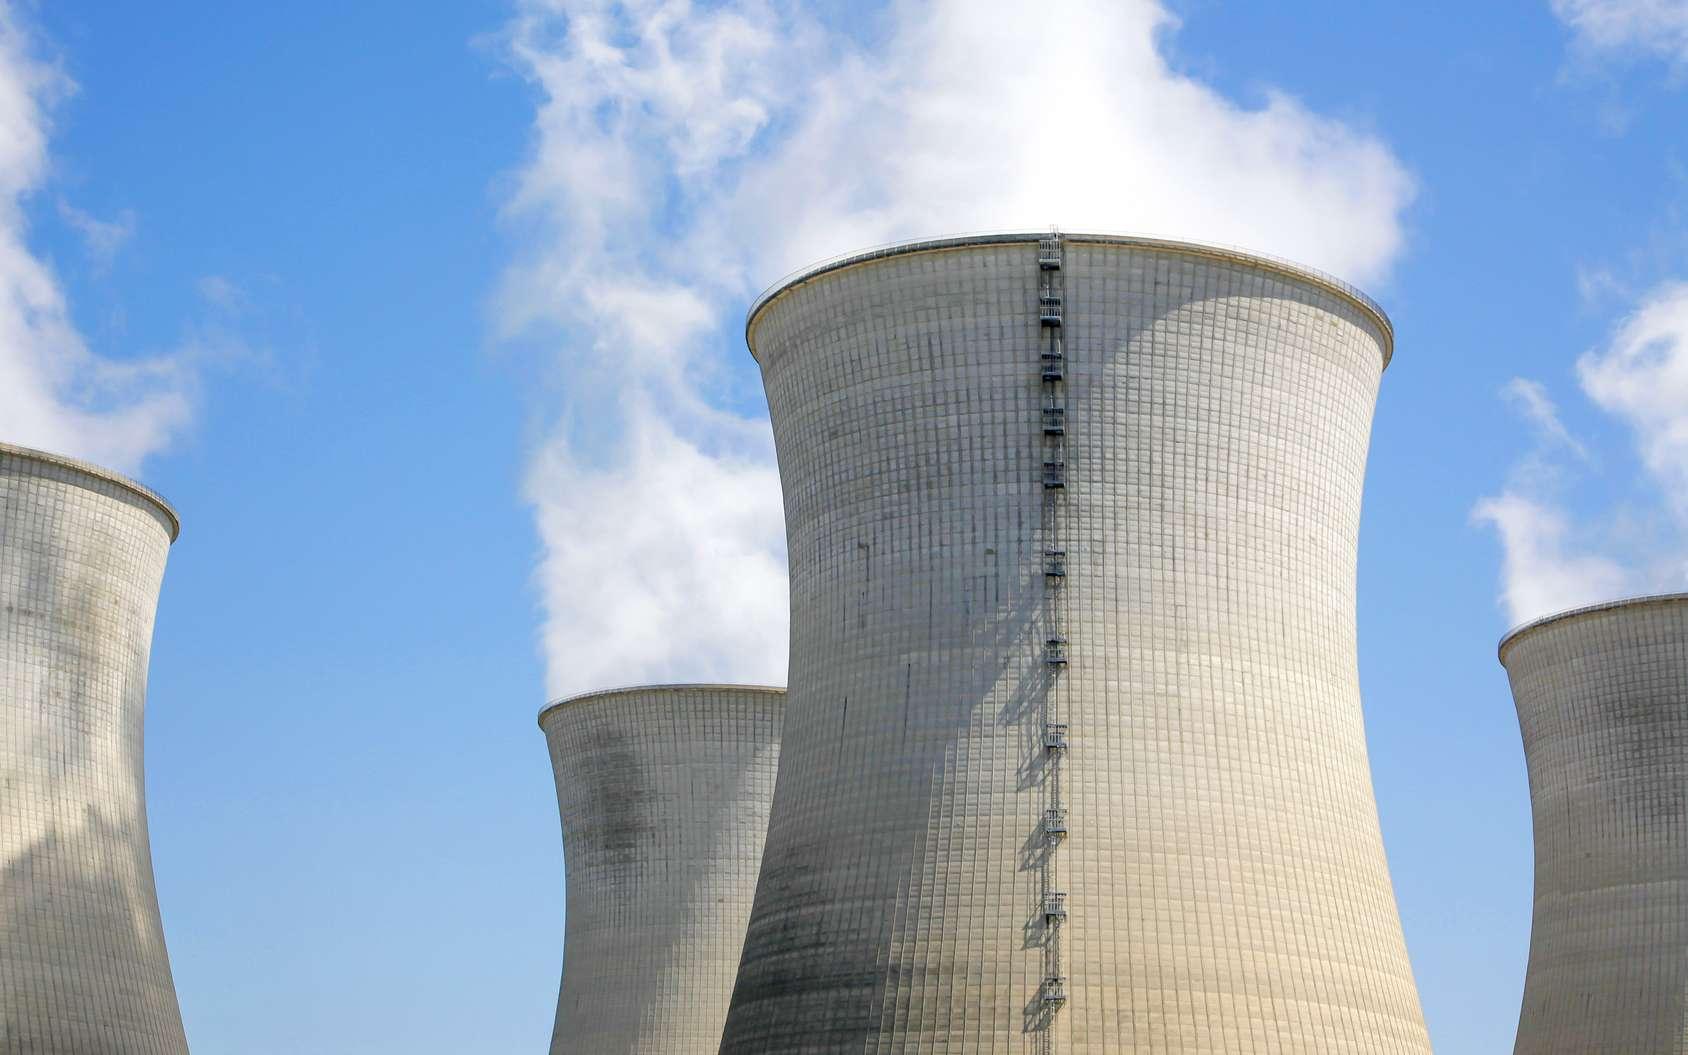 Les centrales nucléaires françaises actuelles (ici celle de Bugey 2) sont de type à eau pressurisée. La filière EPR est une amélioration pour la sécurité et pour la puissance. © Jean-Paul Comparin, Fotolia